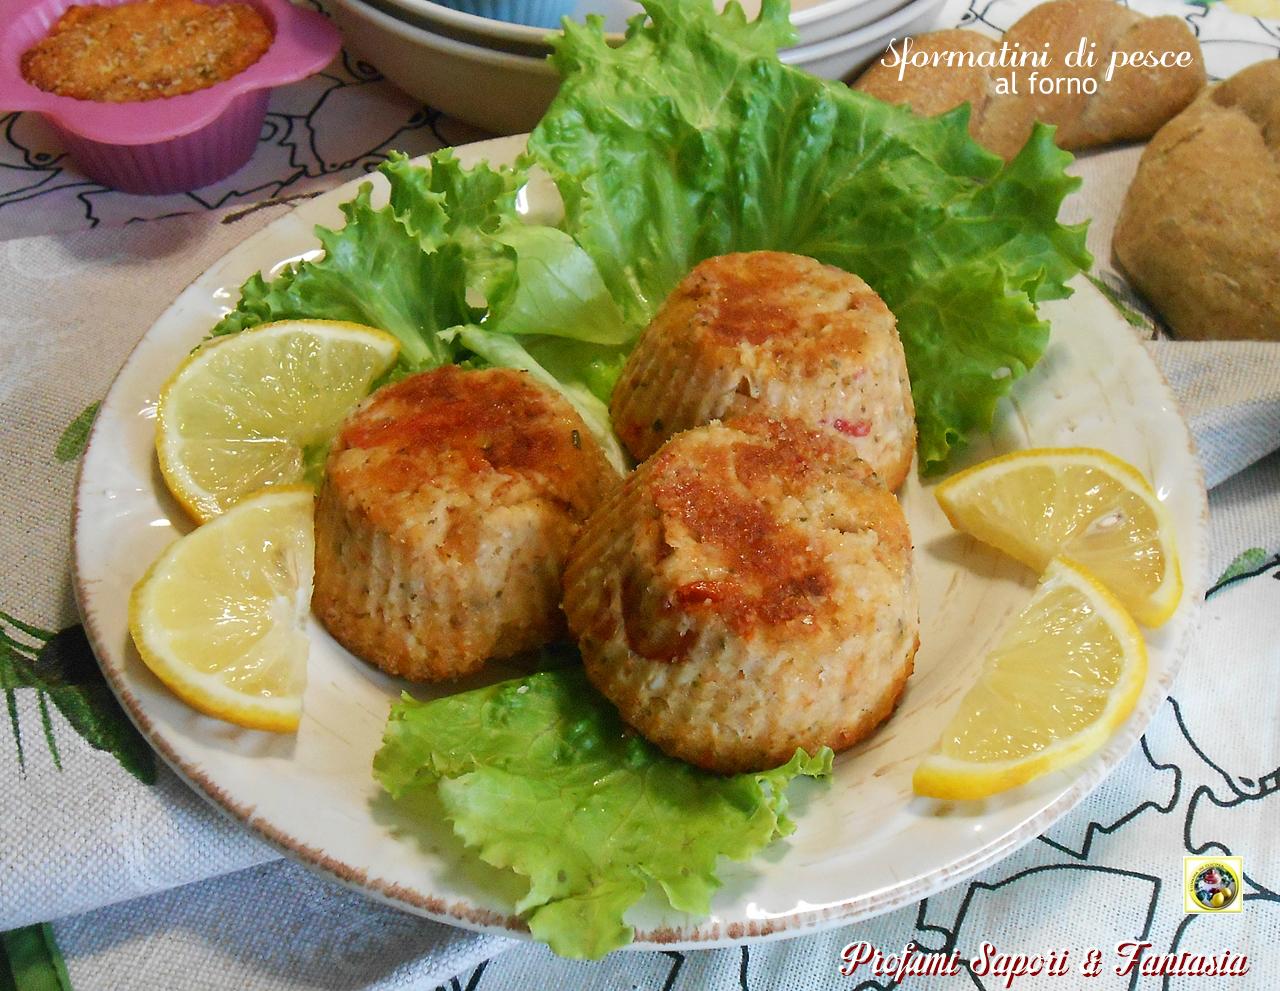 Sformatini di pesce al forno